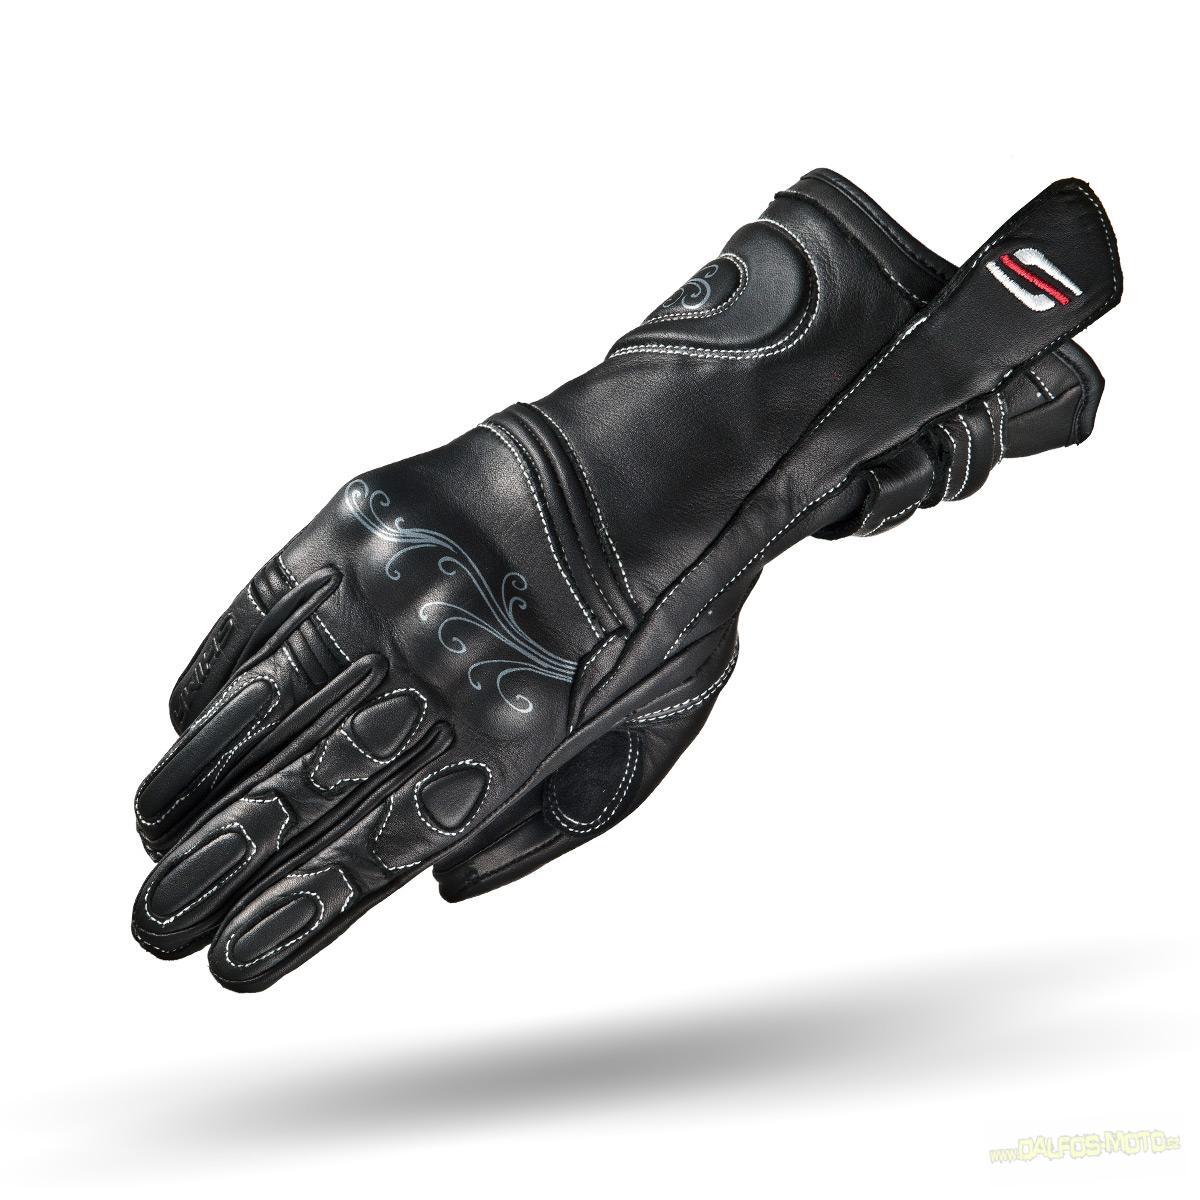 Dámské moto rukavice SHIMA MODENA, kožené, černé